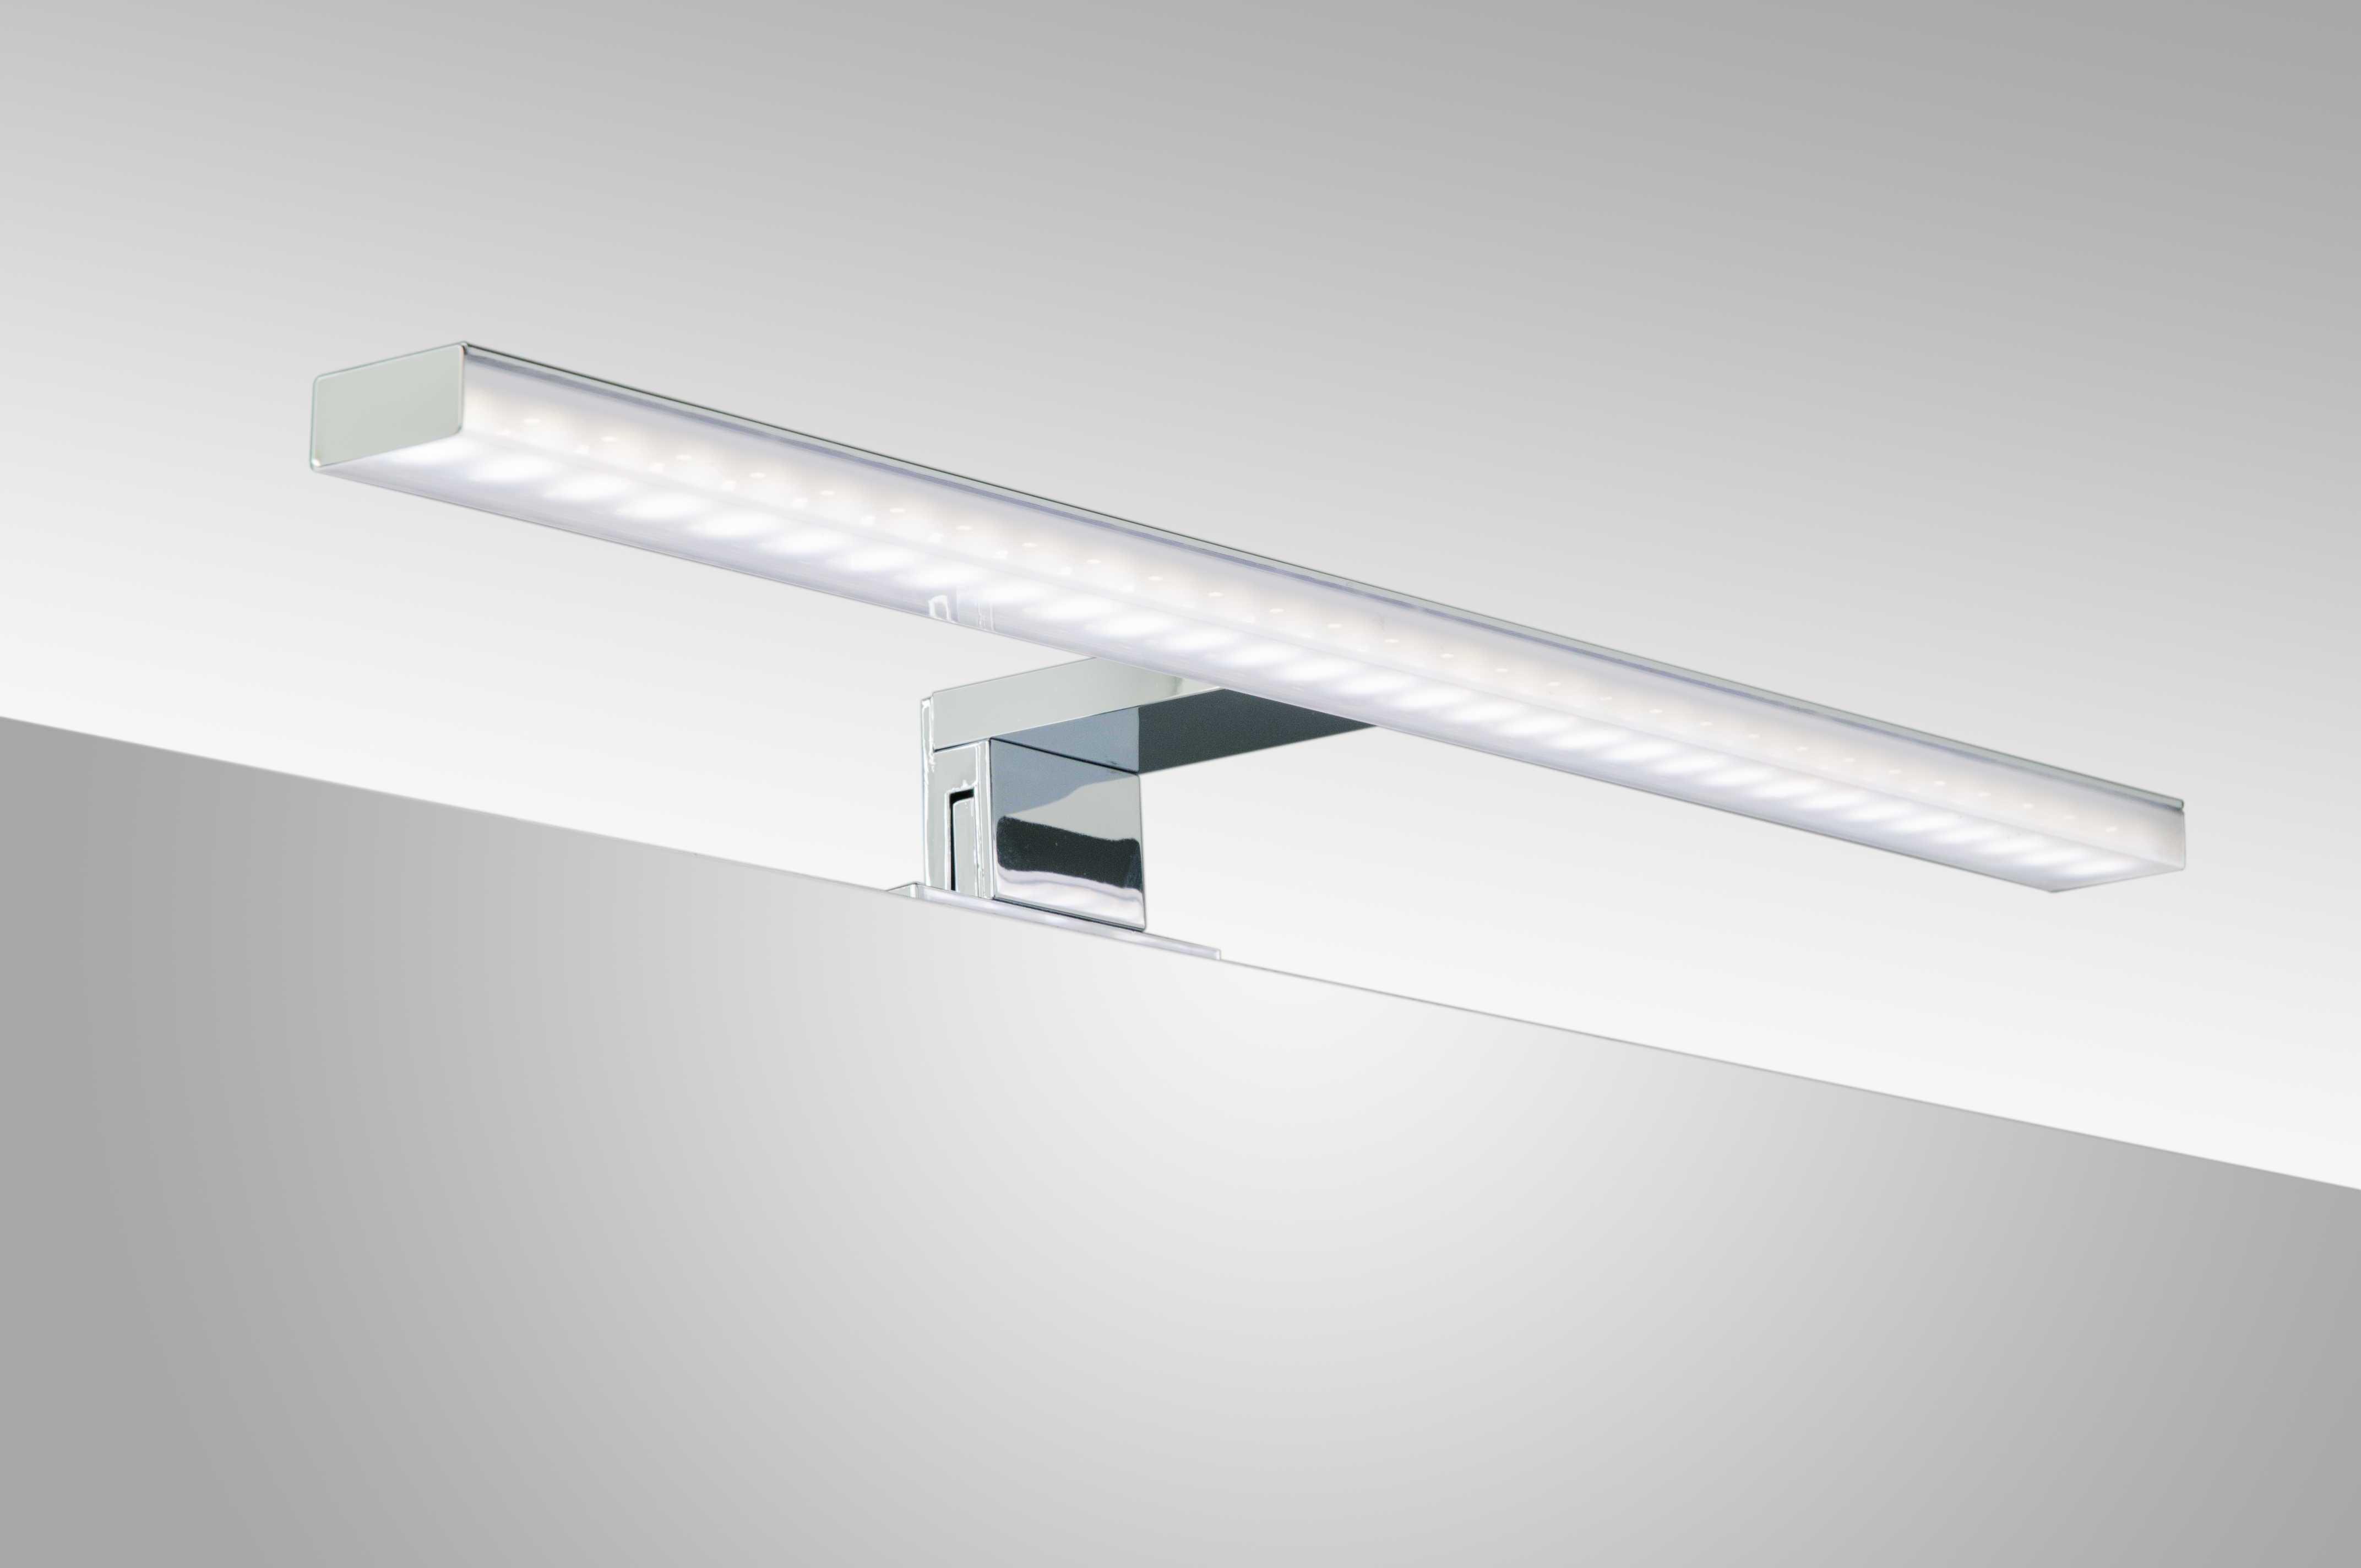 Specchio bagno 120x70 cm specchiera bagno lampada led - Lampade da bagno sopra specchio ...